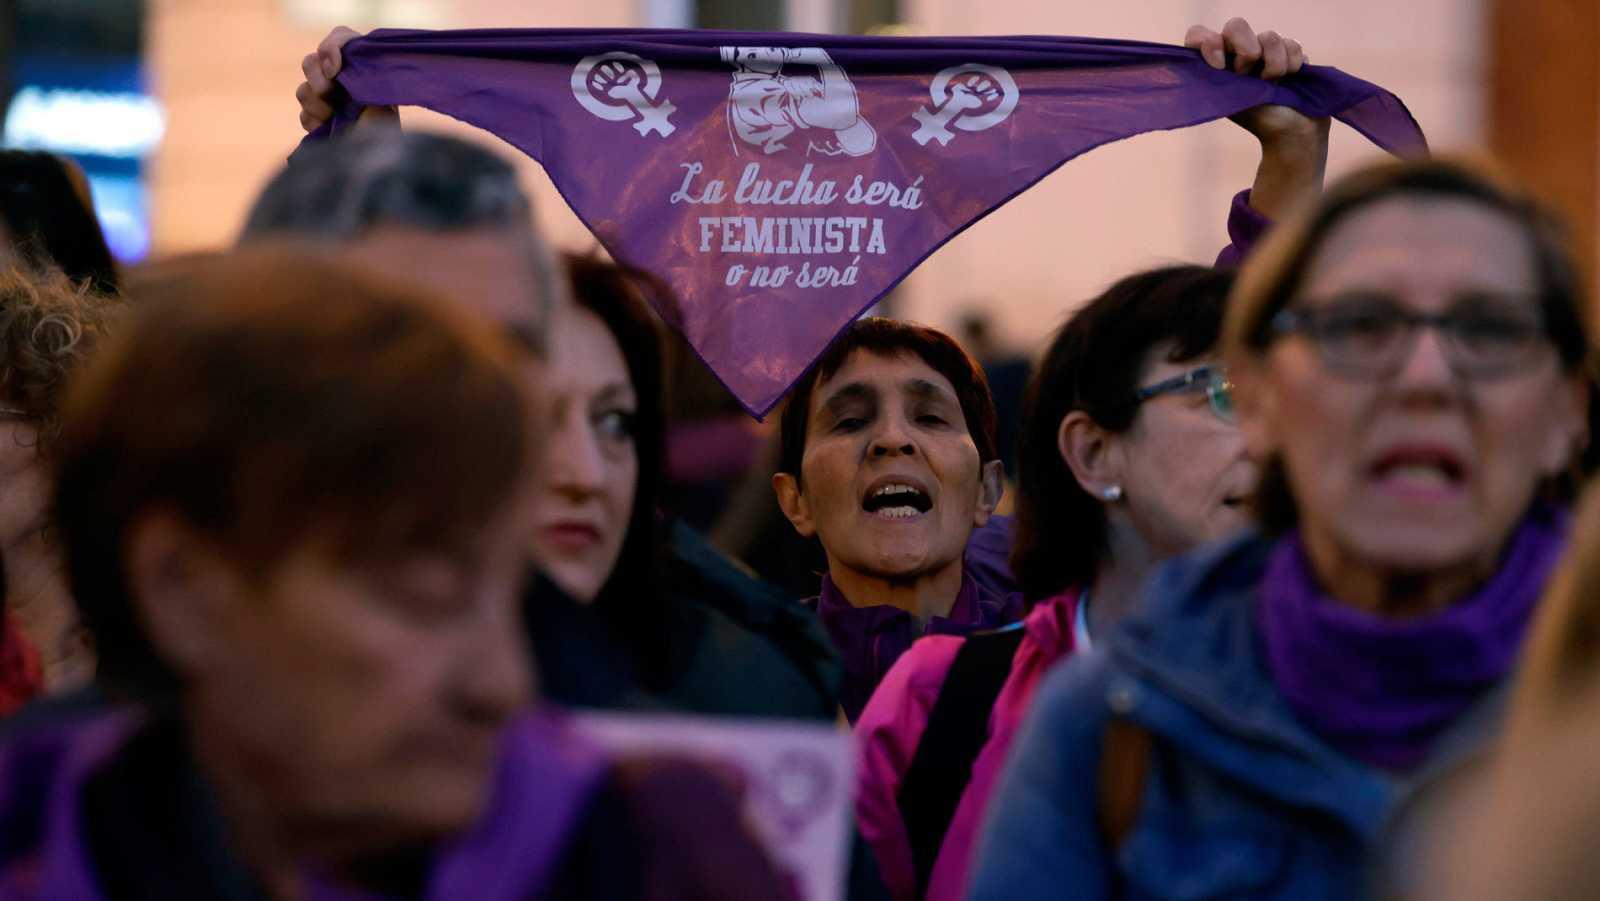 """Una mujer muestra un pañuelo violeta con el mensaje """"La lucha será feminista o no será"""" durante una concentración del Movimiento Feminista de Madrid."""